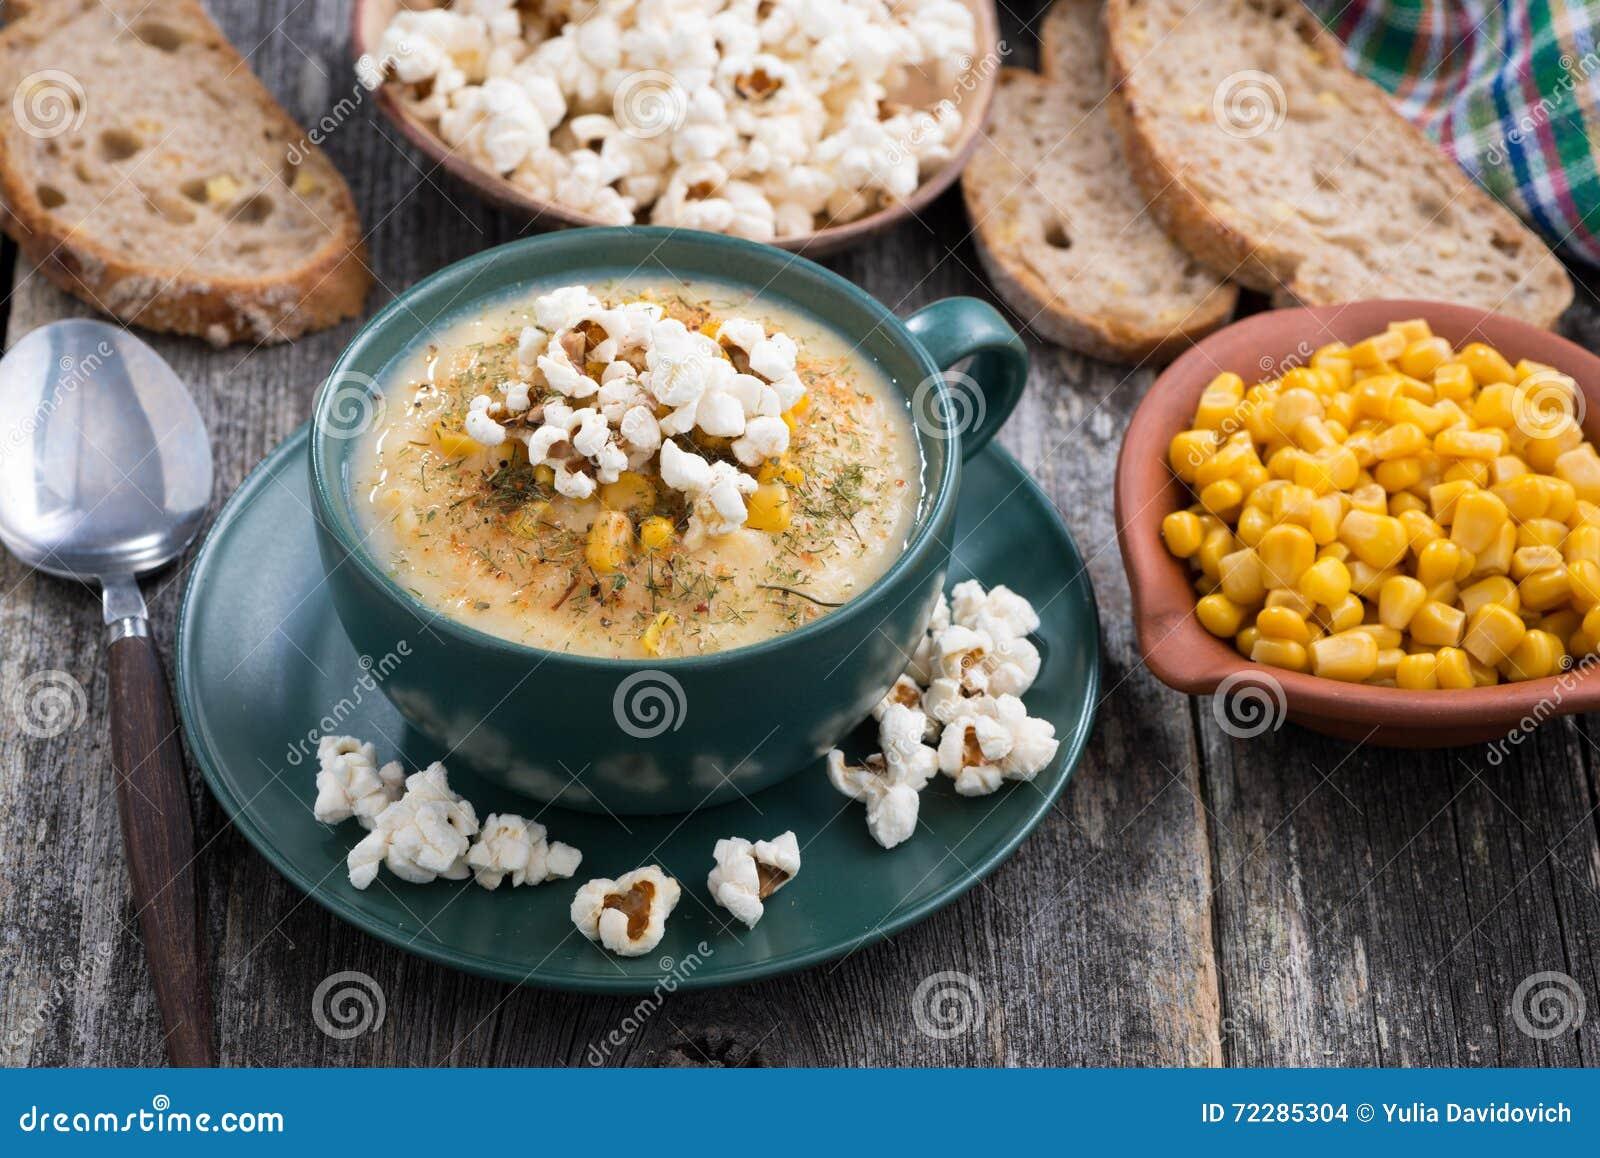 Download Суп мозоли с попкорном в чашке на деревянном столе Стоковое Фото - изображение насчитывающей здорово, домодельно: 72285304